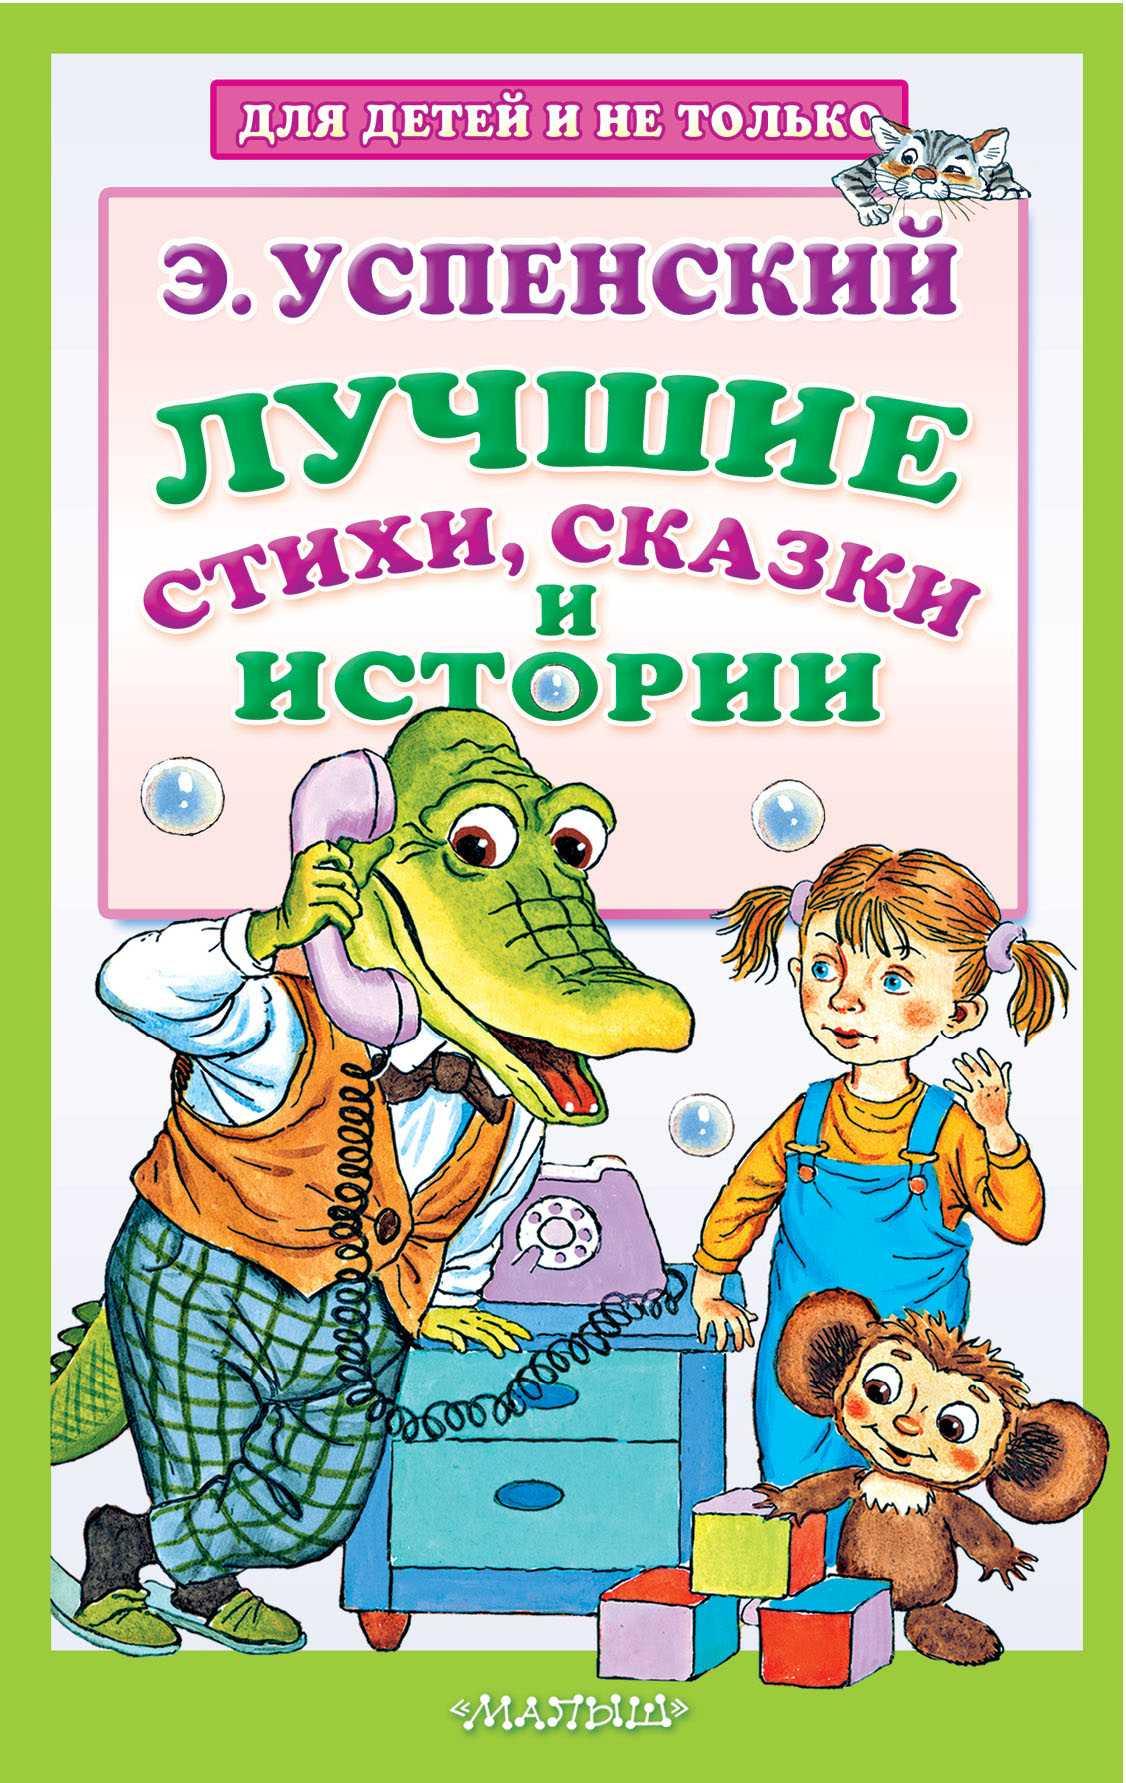 Купить книгу Лучшие стихи, сказки и истории, автора Эдуарда Успенского